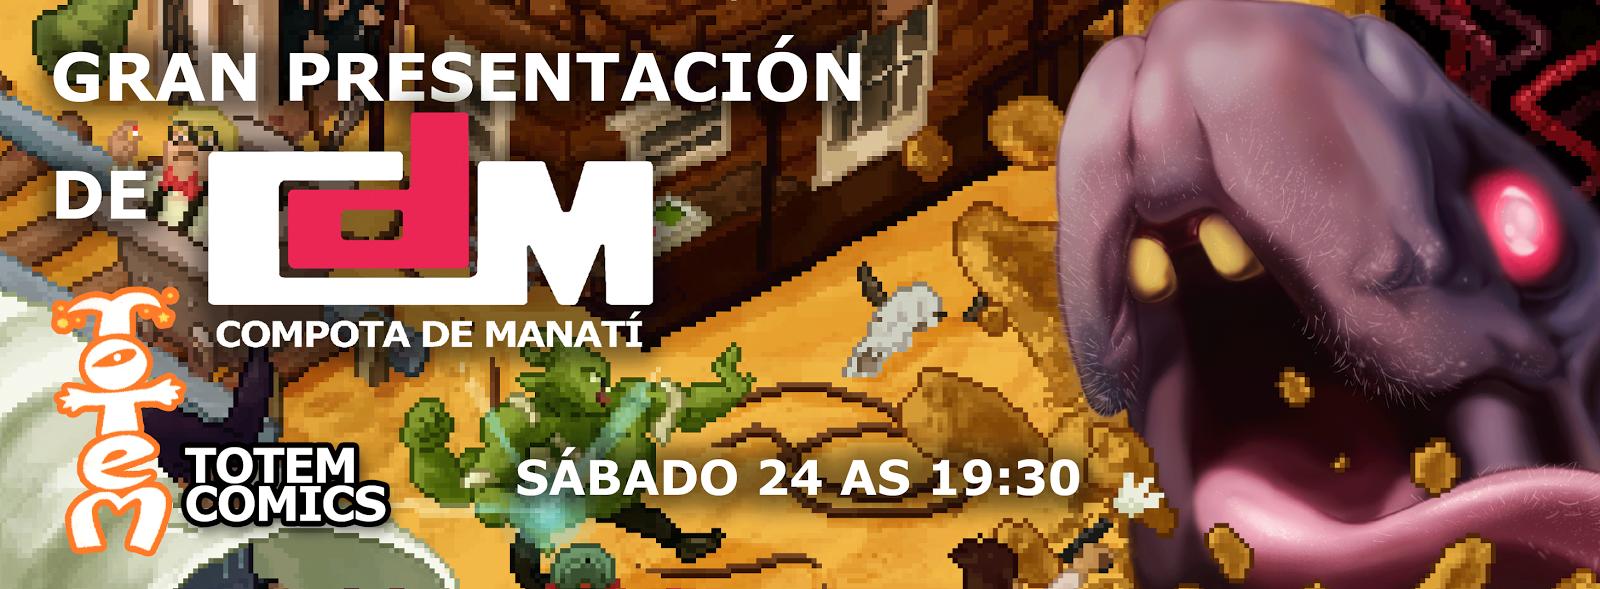 evento-fB+compota+TOTEM.png